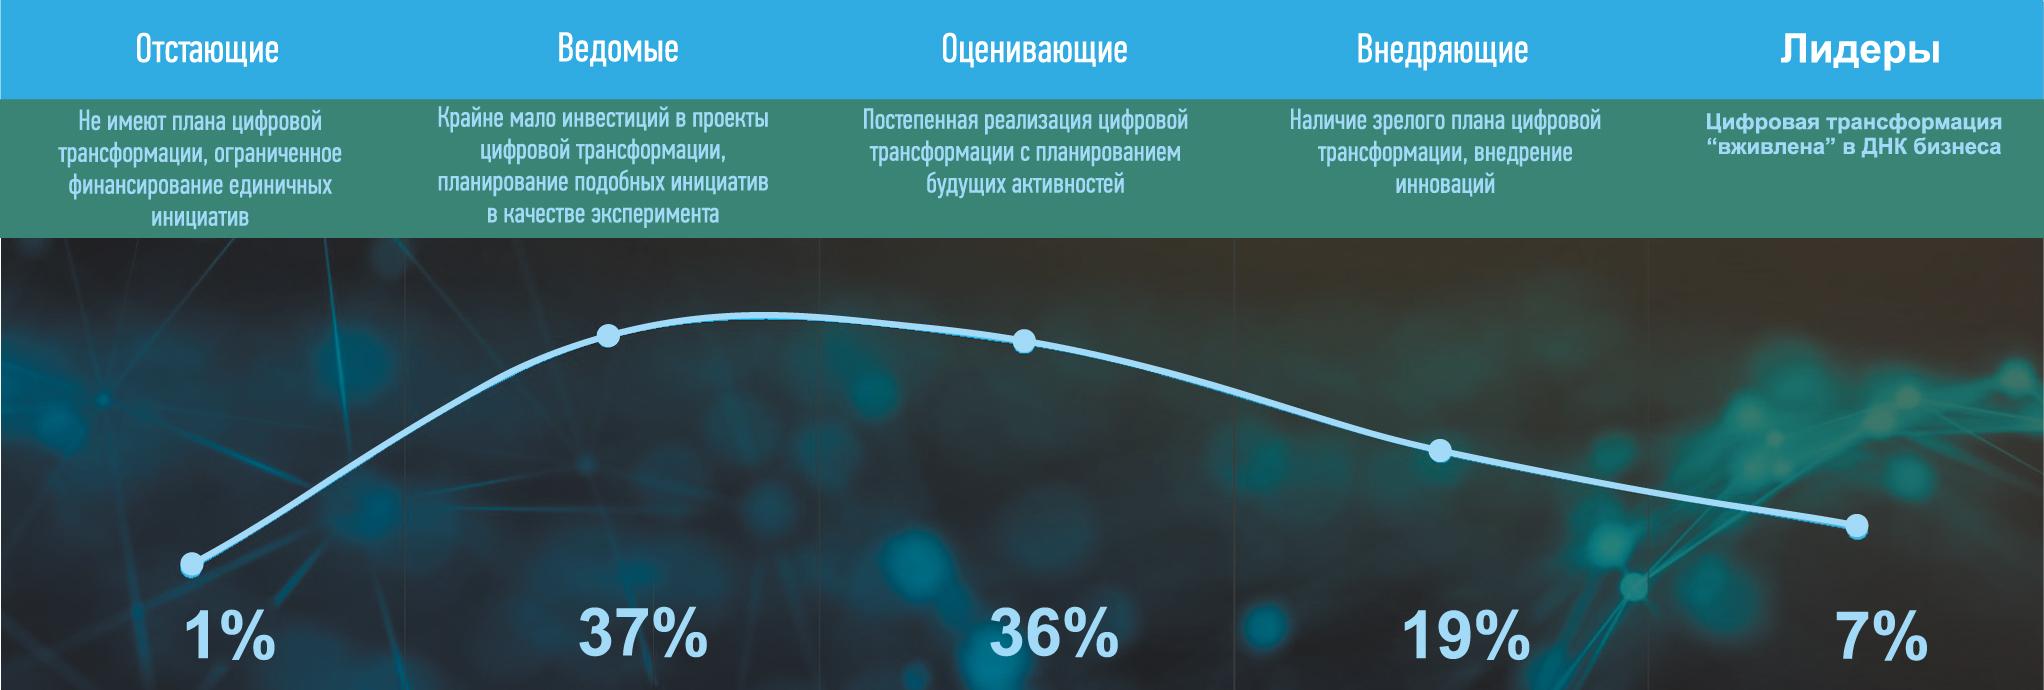 Результаты исследования «Индекс цифровой трансформации» (DT Index): готовность российских компаний к цифровой трансформации